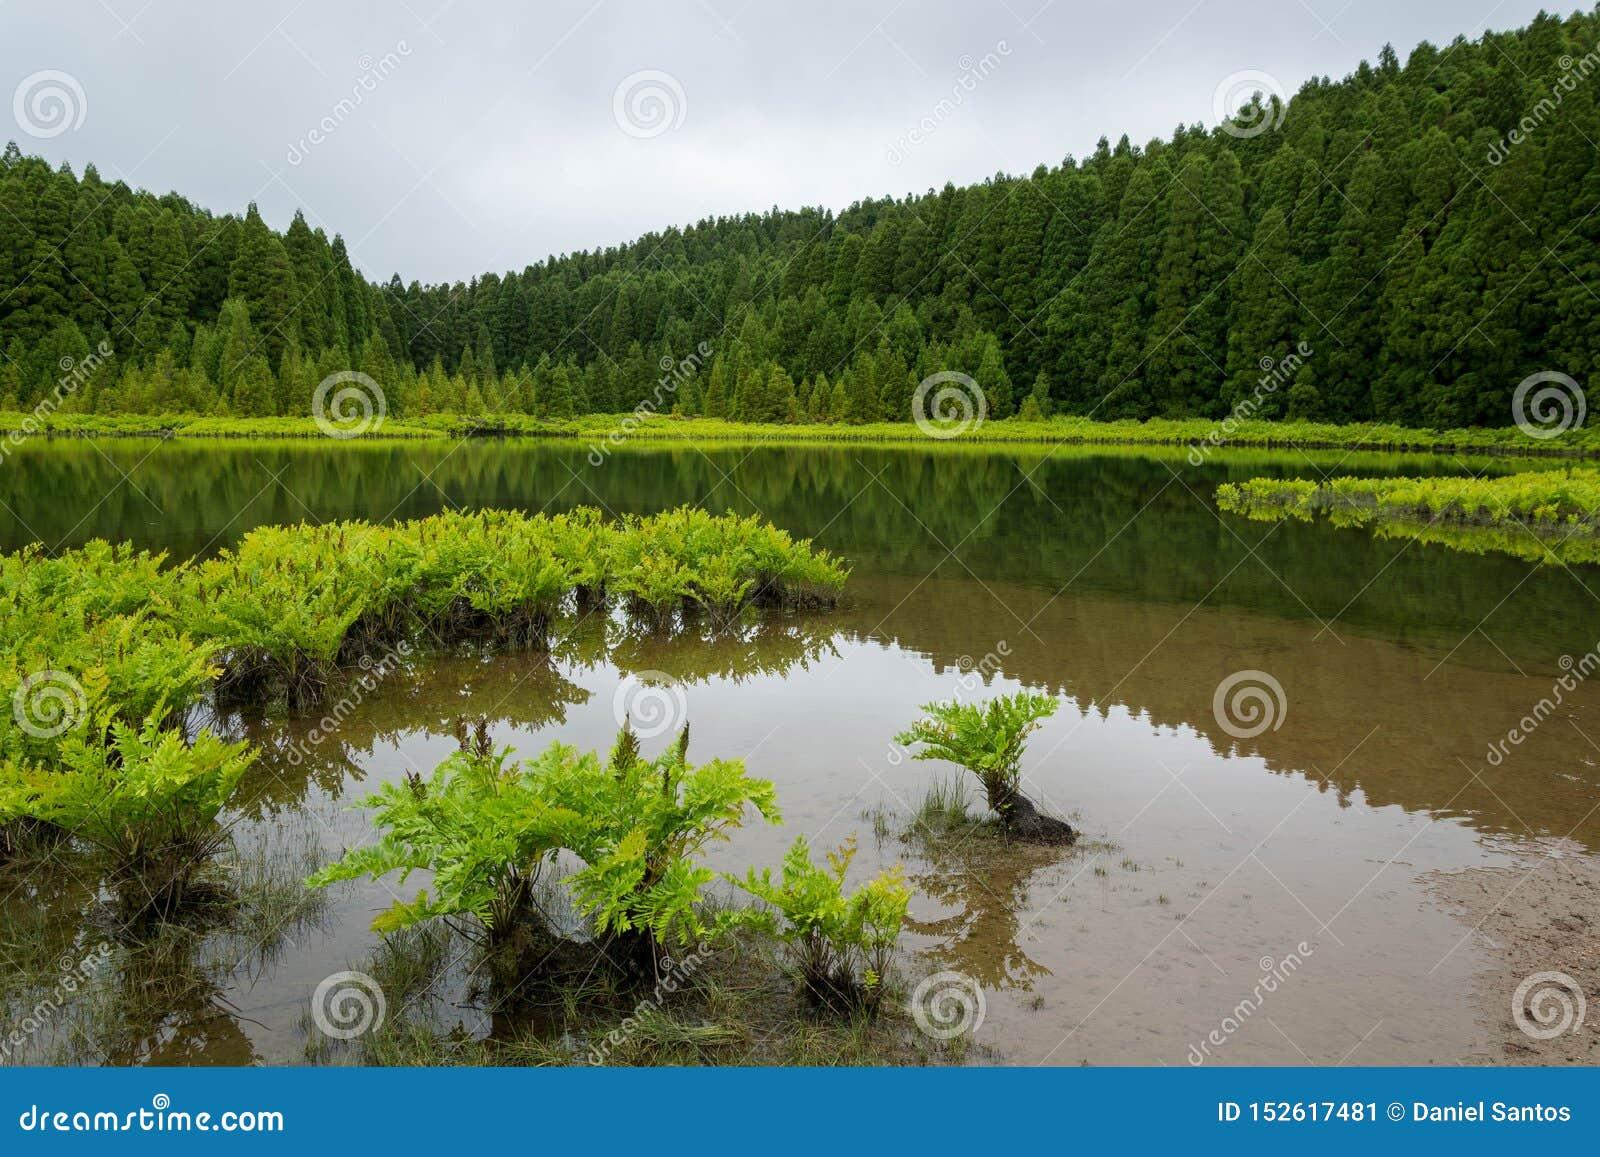 Lagoa do Canári Canary lagune, met bezinning, aquatische groene installaties en bomen